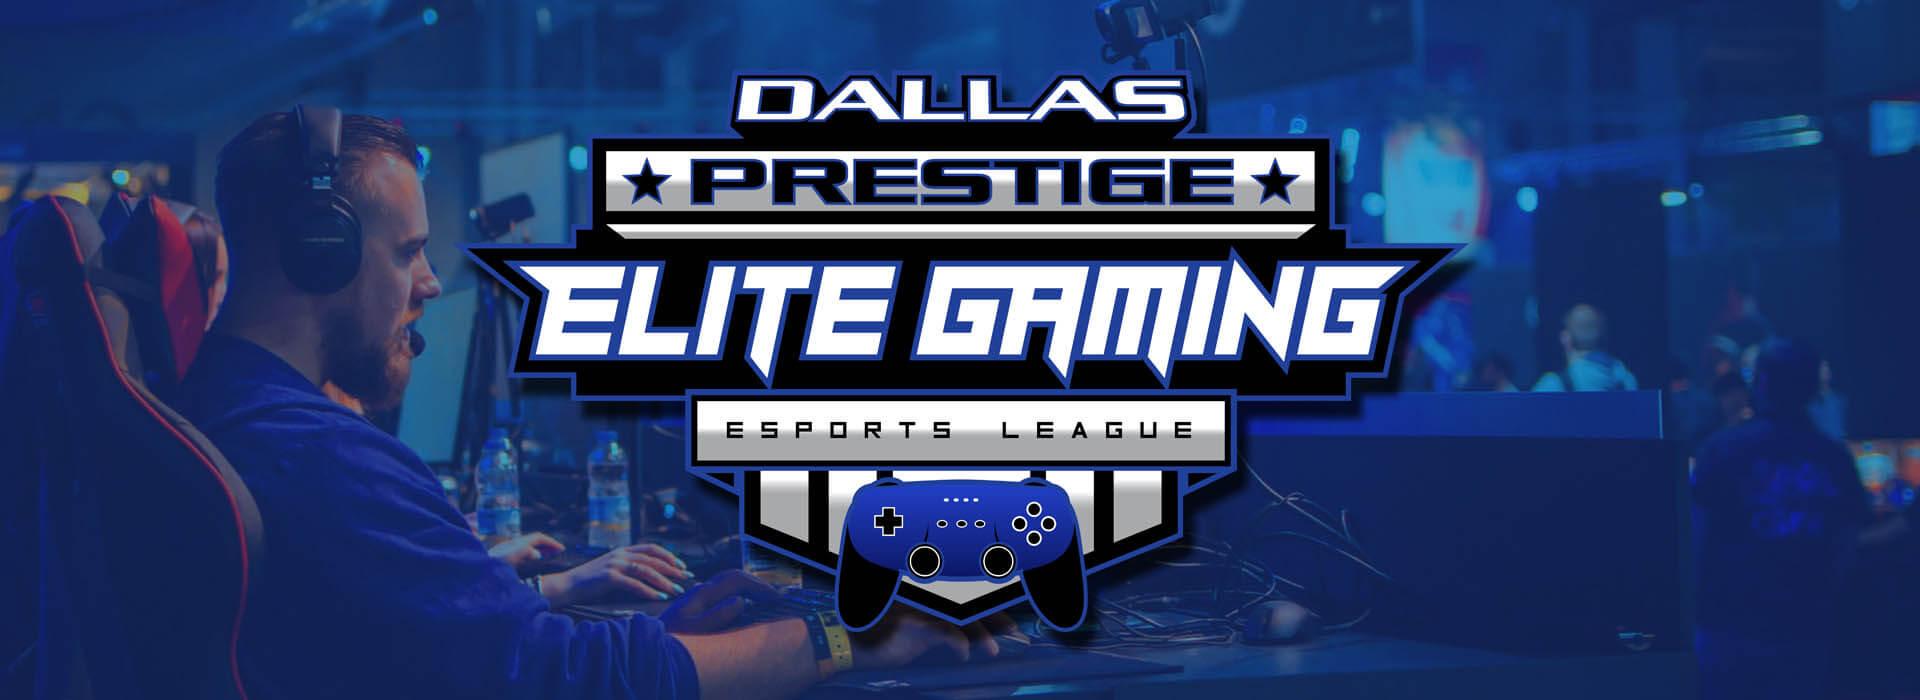 Dallas Prestige eSports logo